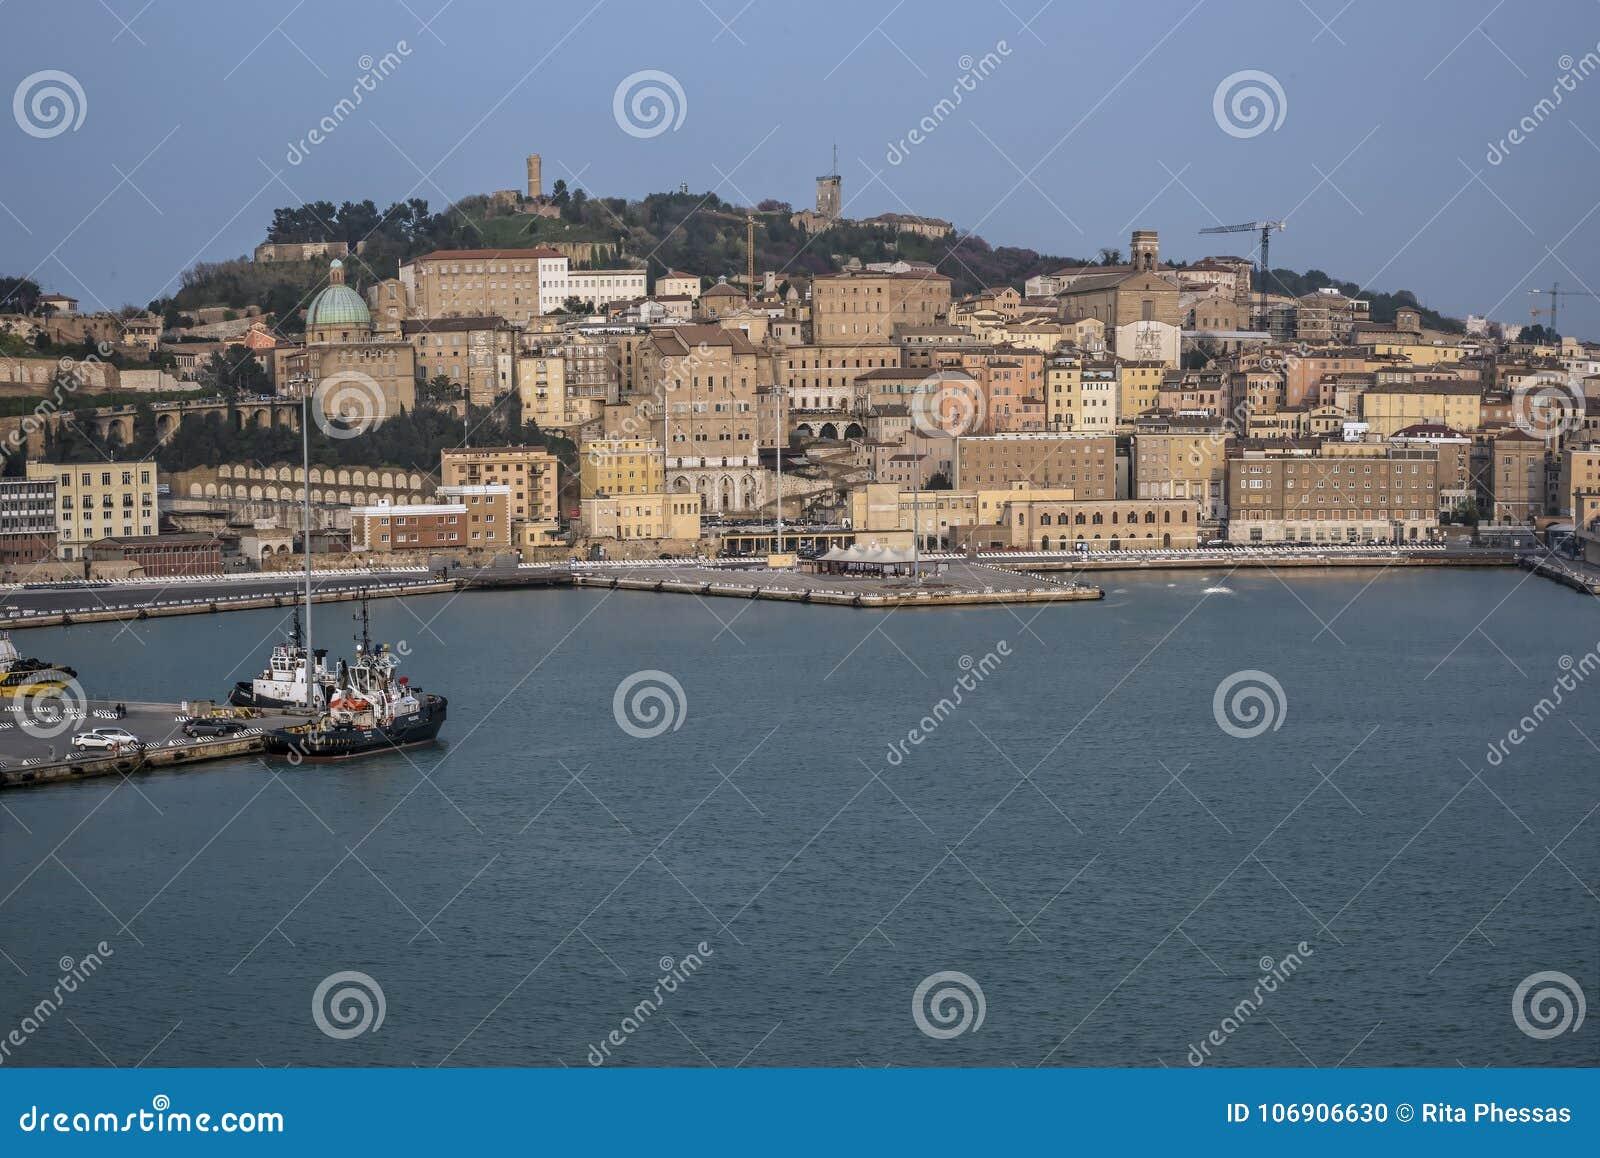 Widok port Ancona Europa od statku wycieczkowego 3-4-2016